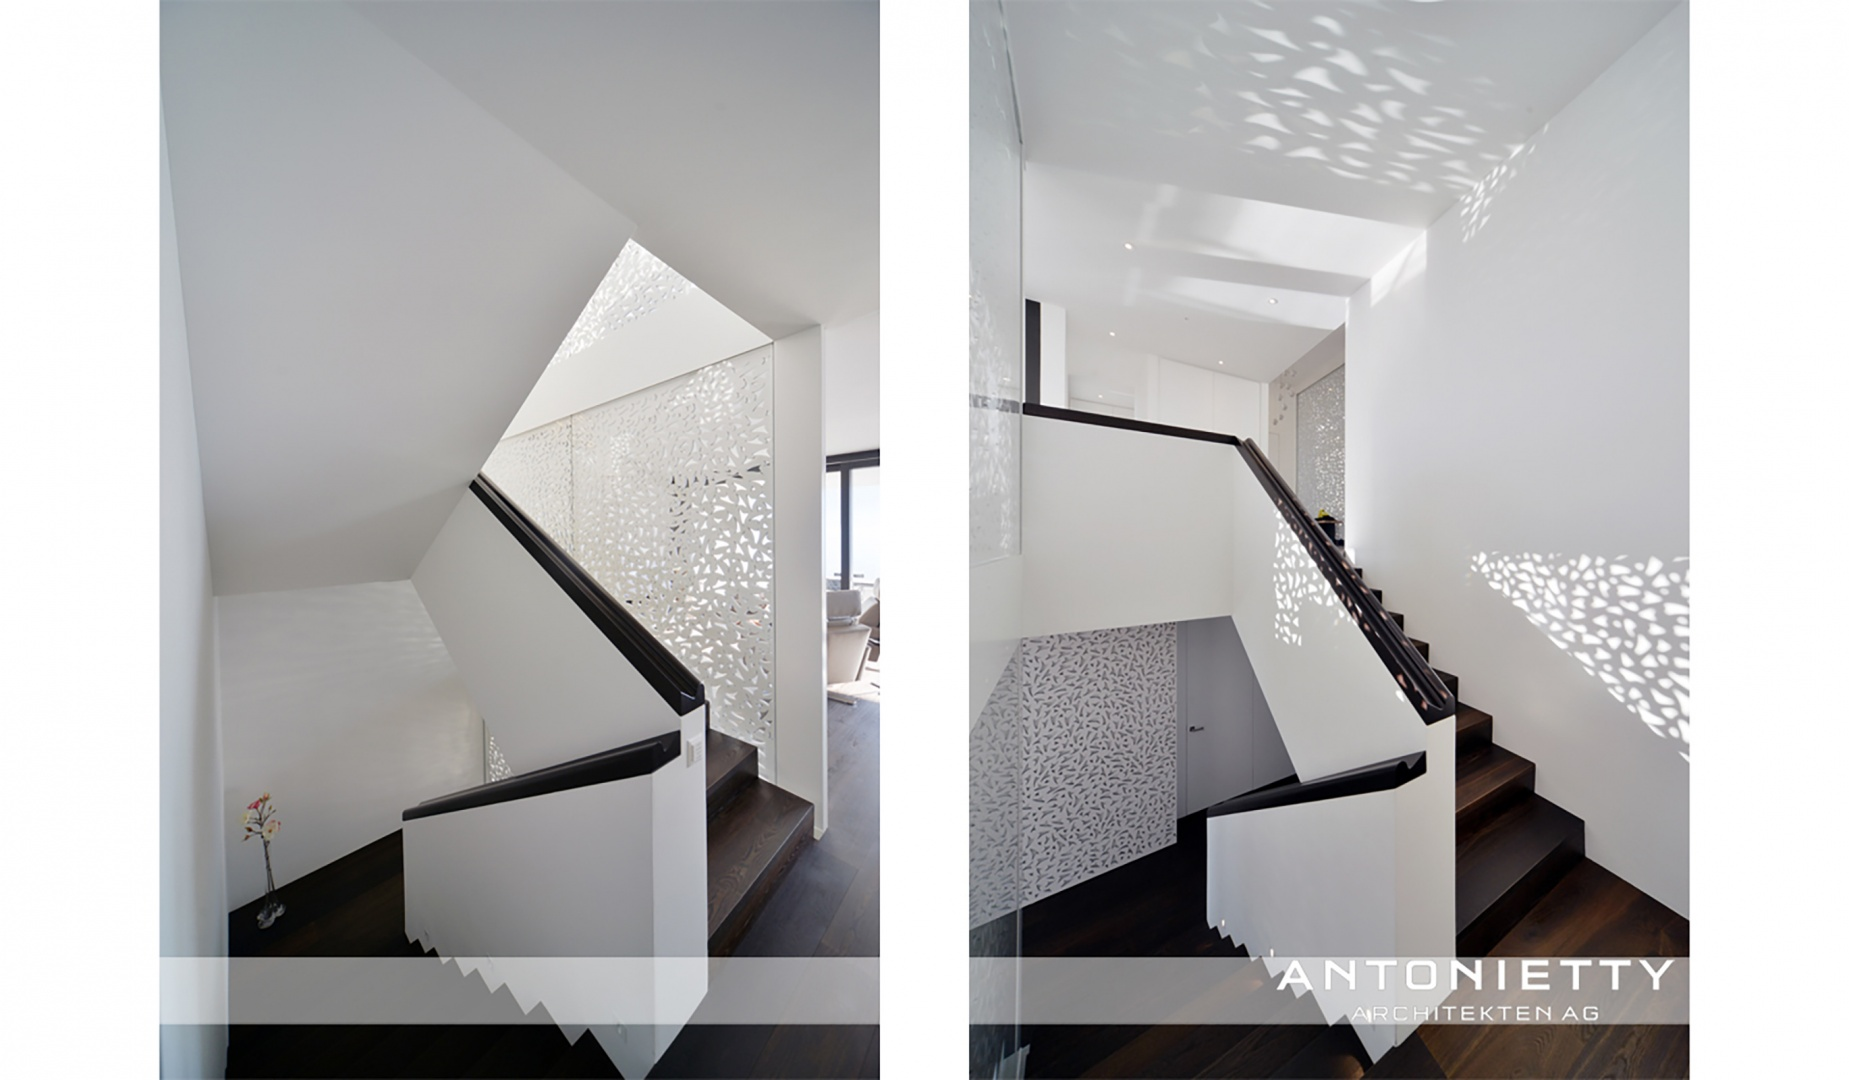 © Carlos Antonietty, Antonietty Architekten AG, Bürgenstrasse 23, 6005 Luzern